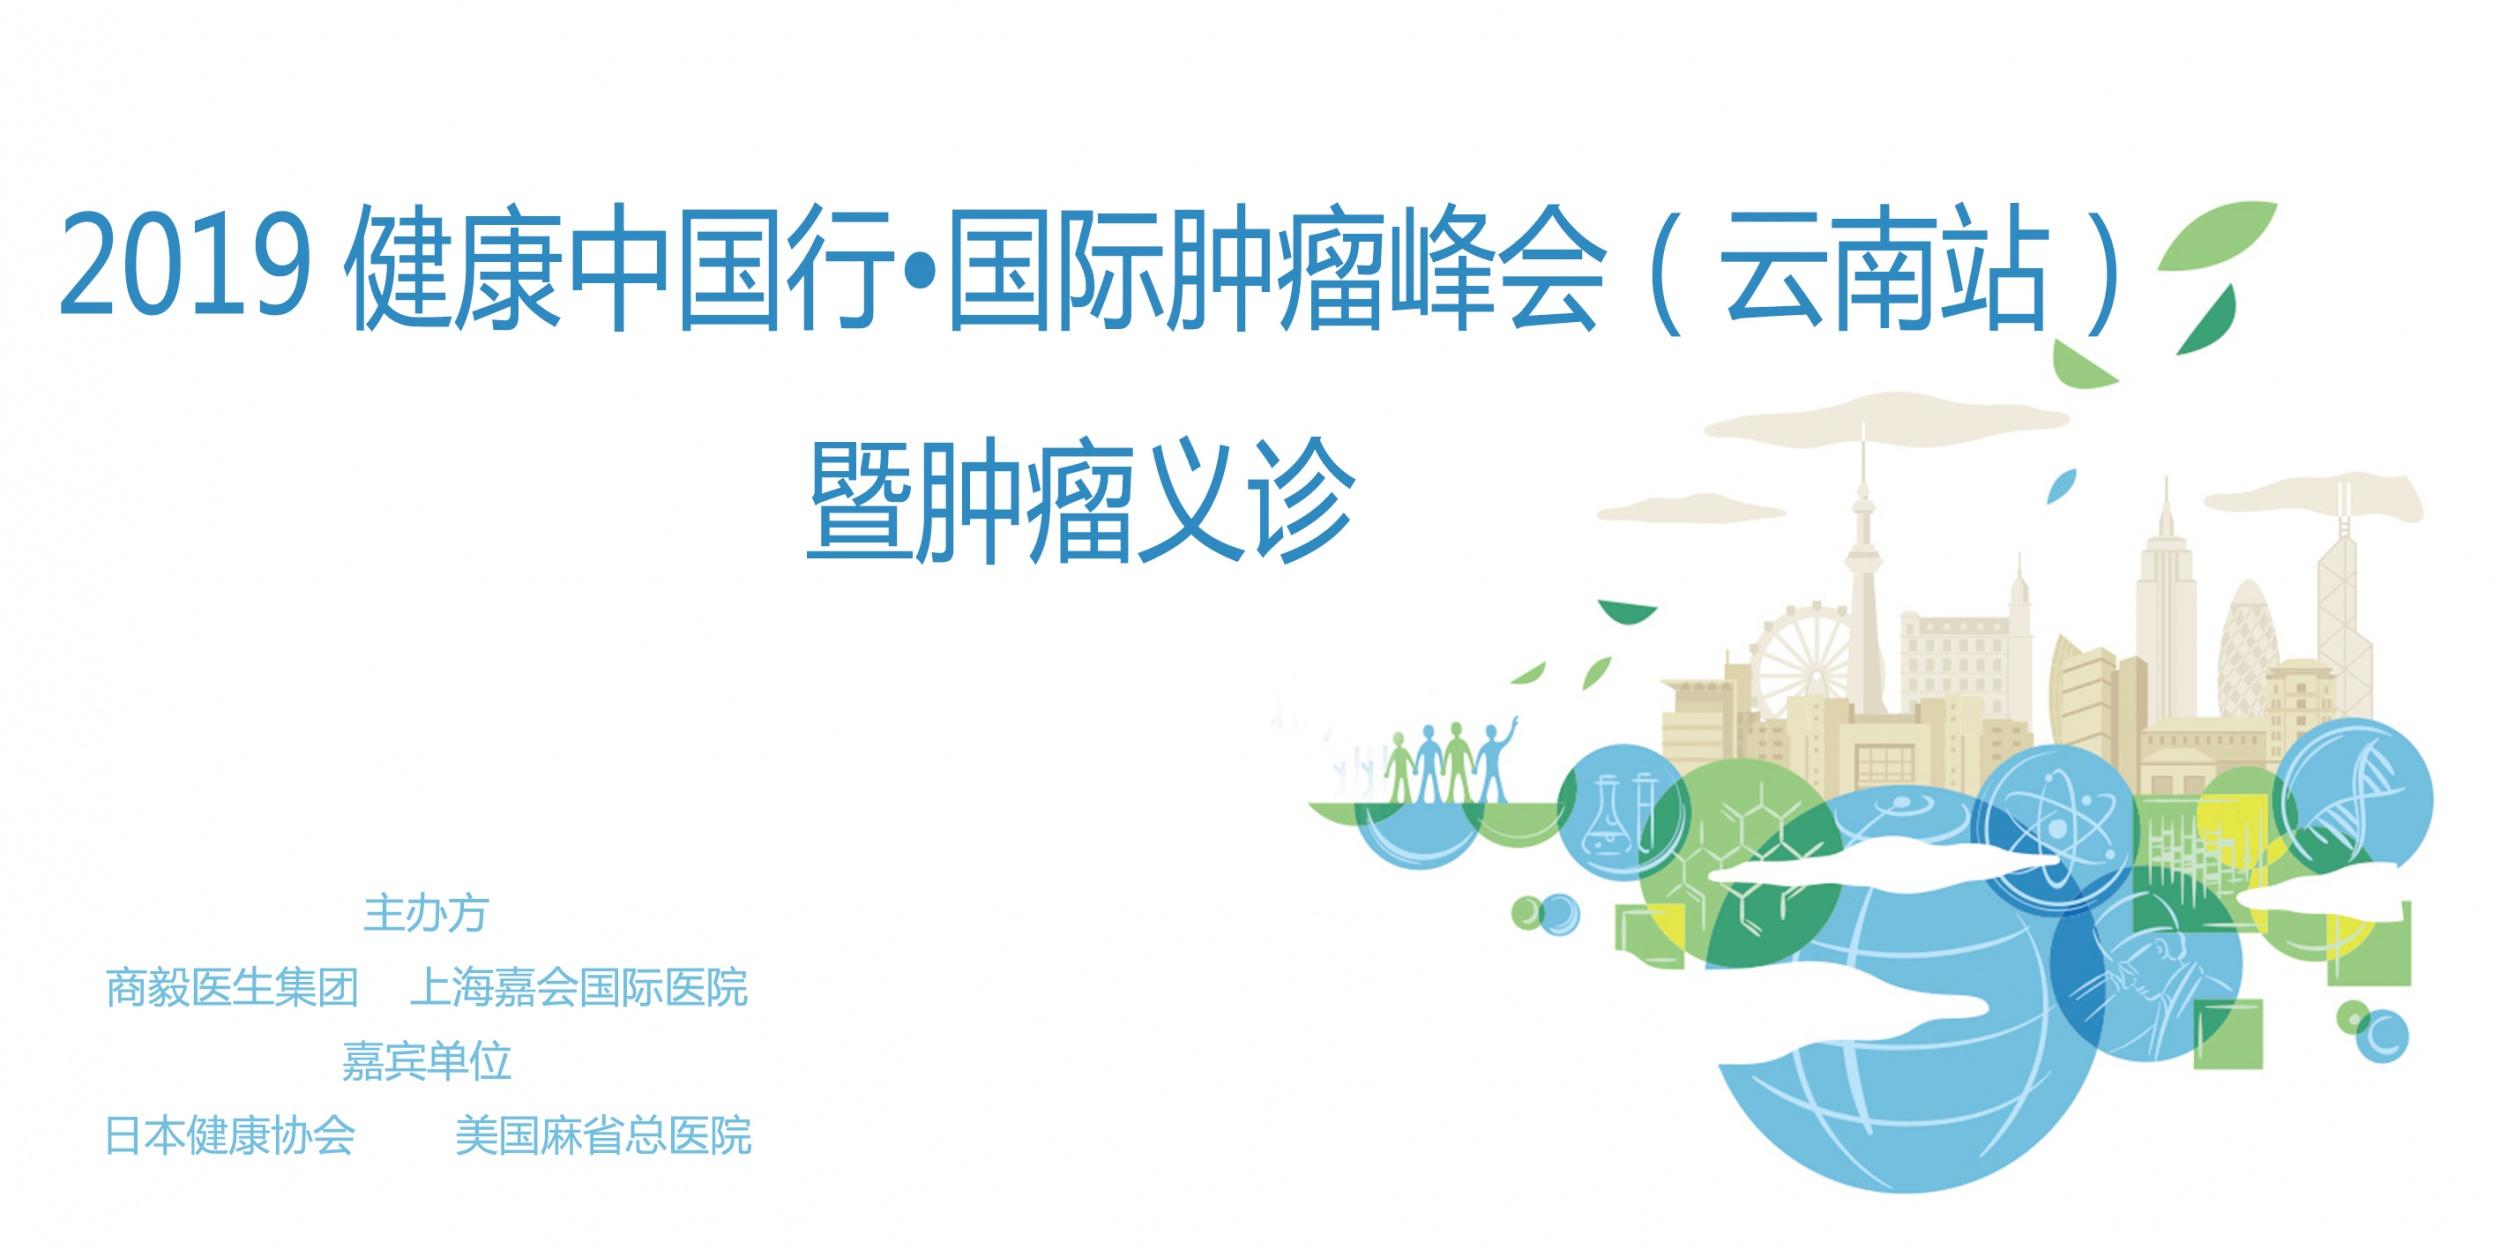 关于举办2019健康中国行•国际肿瘤峰会(云南站)之倡议书